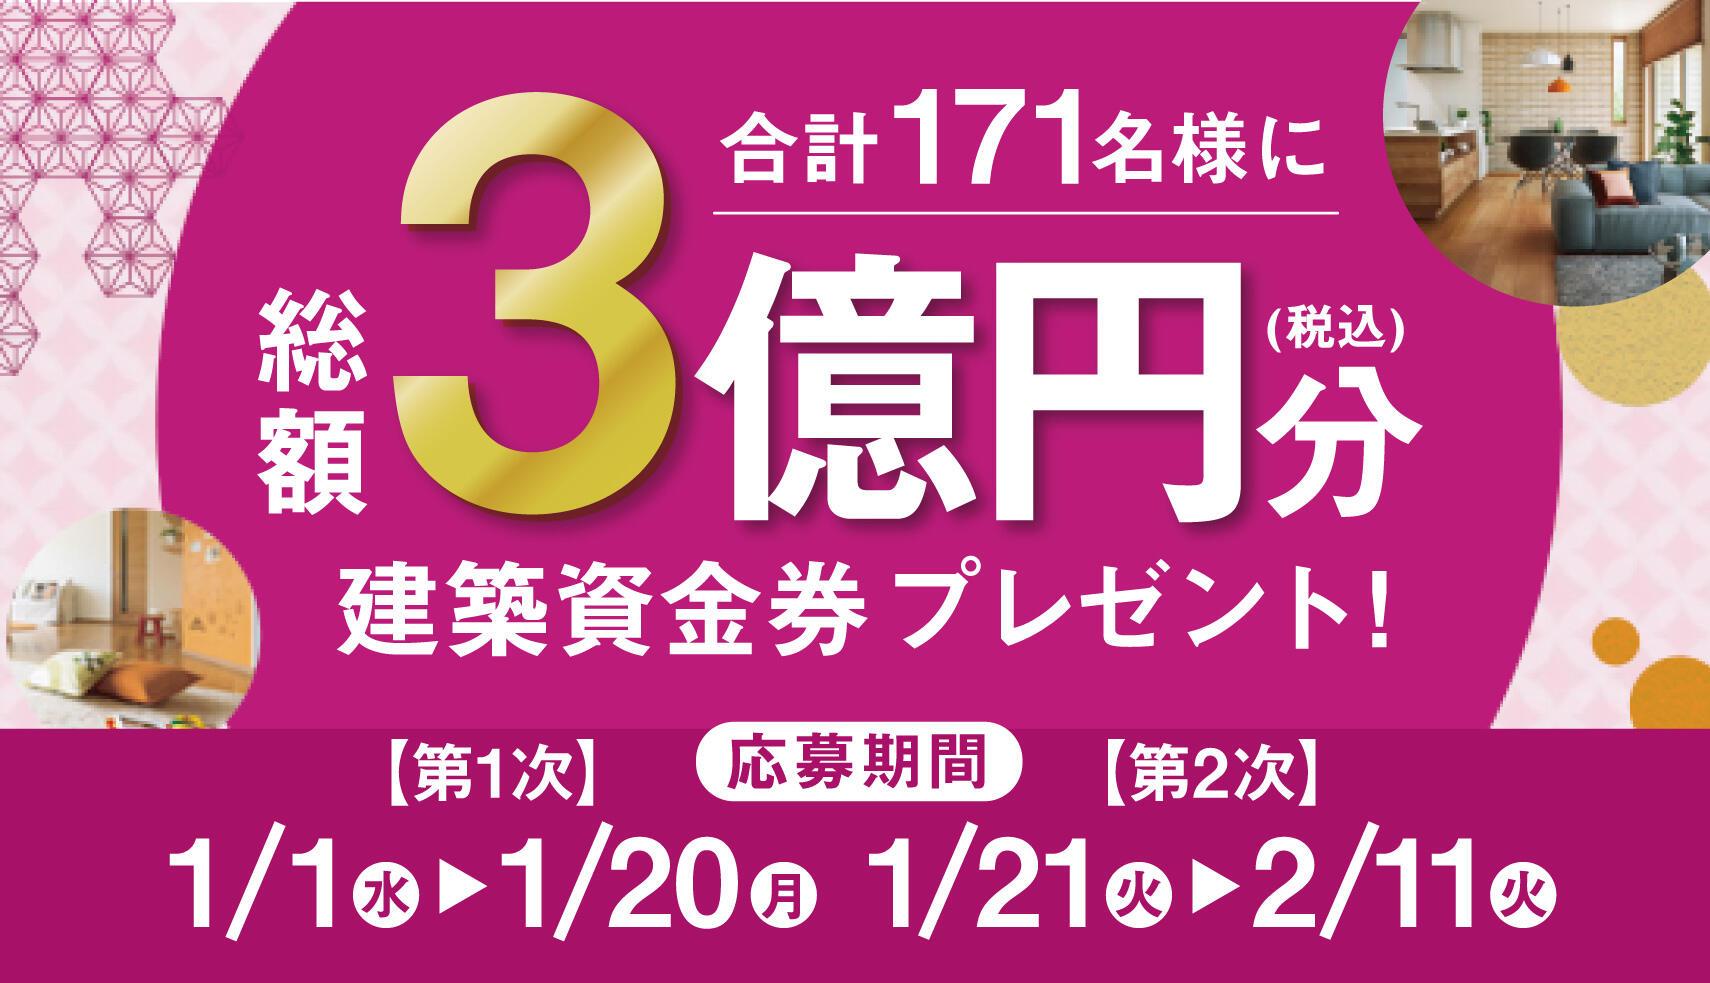 新春3億円CP